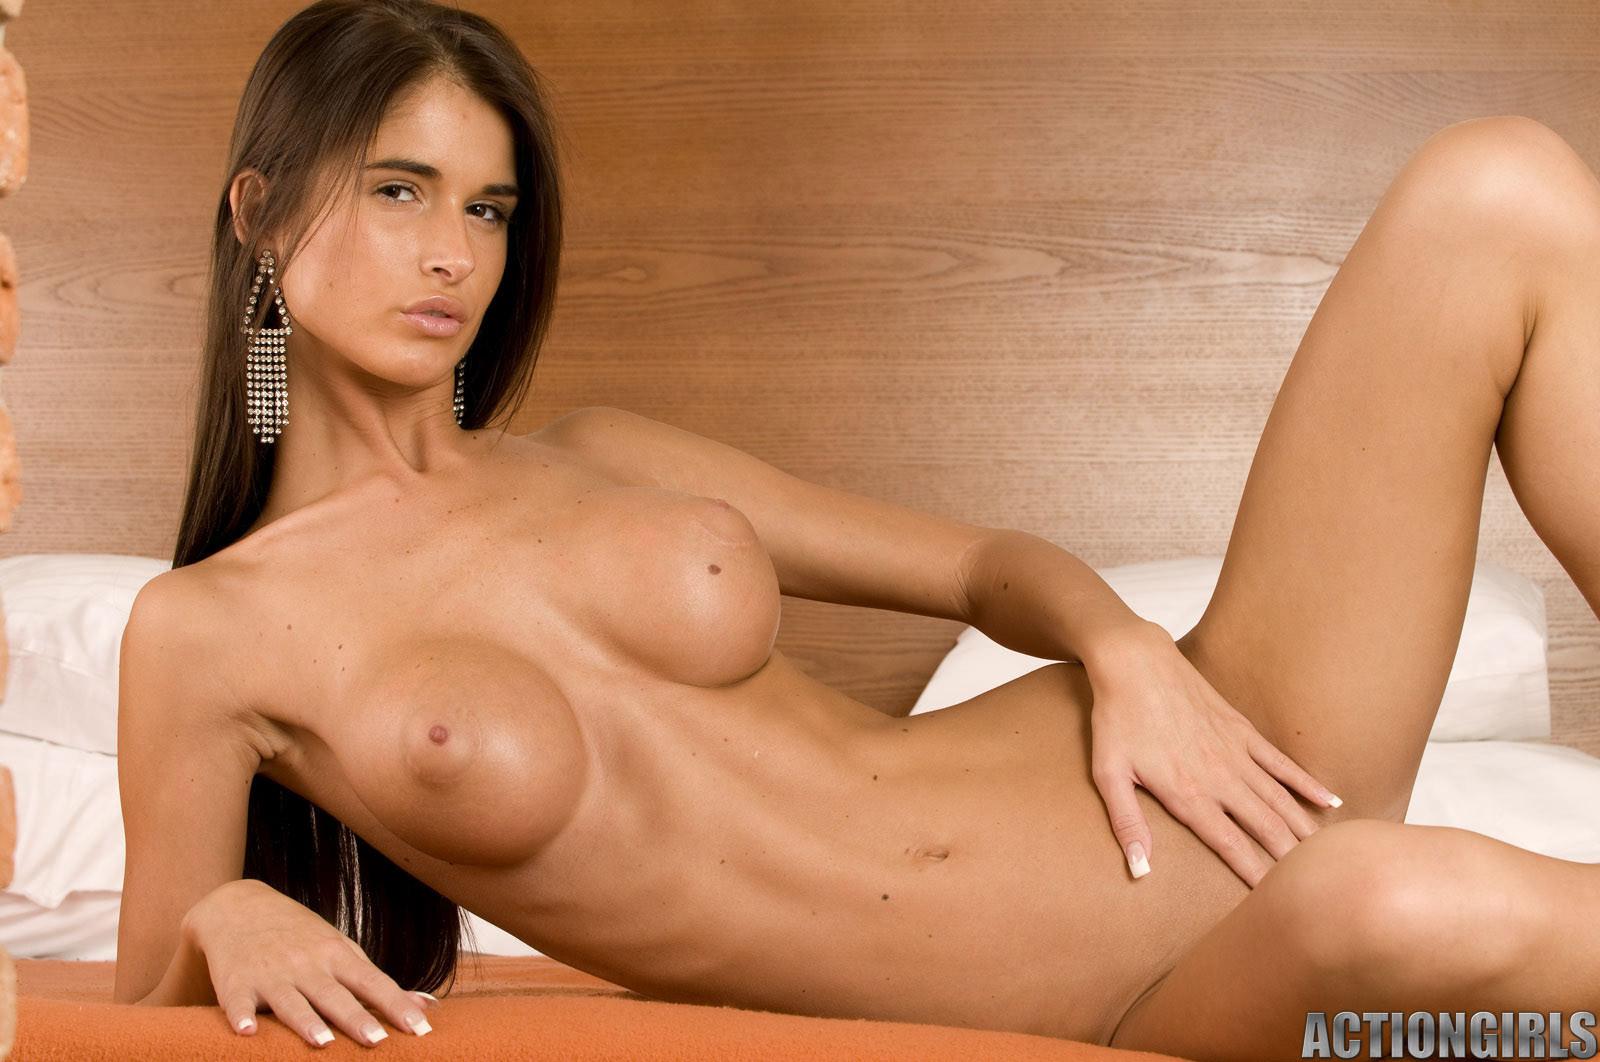 Нагая порно модель Samantha Jolie смотреть онлайн 3 фото